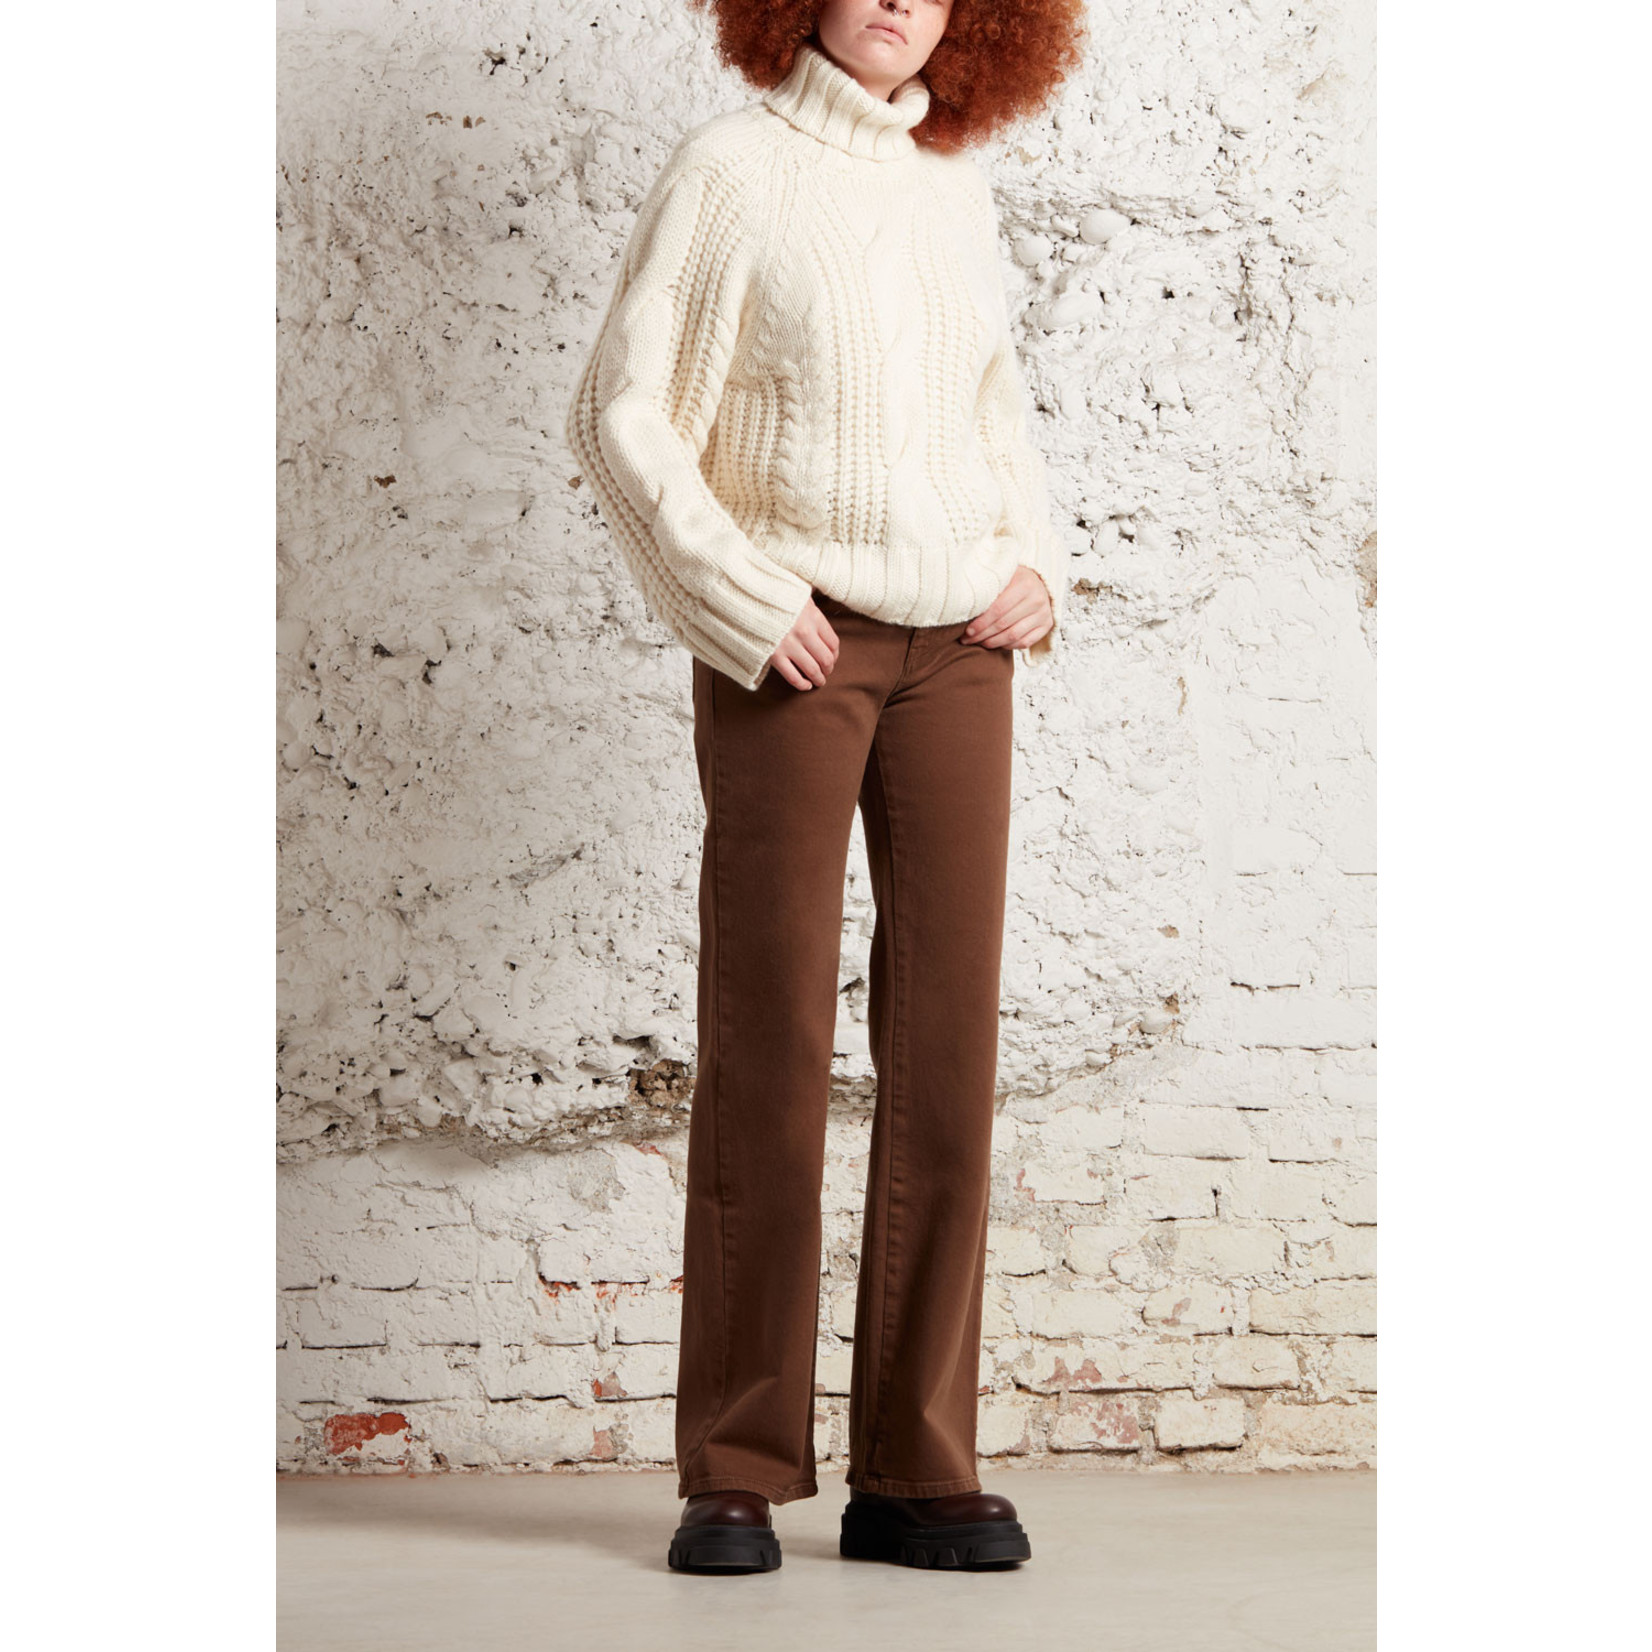 P.A.R.O.S.H. Sweater 43093